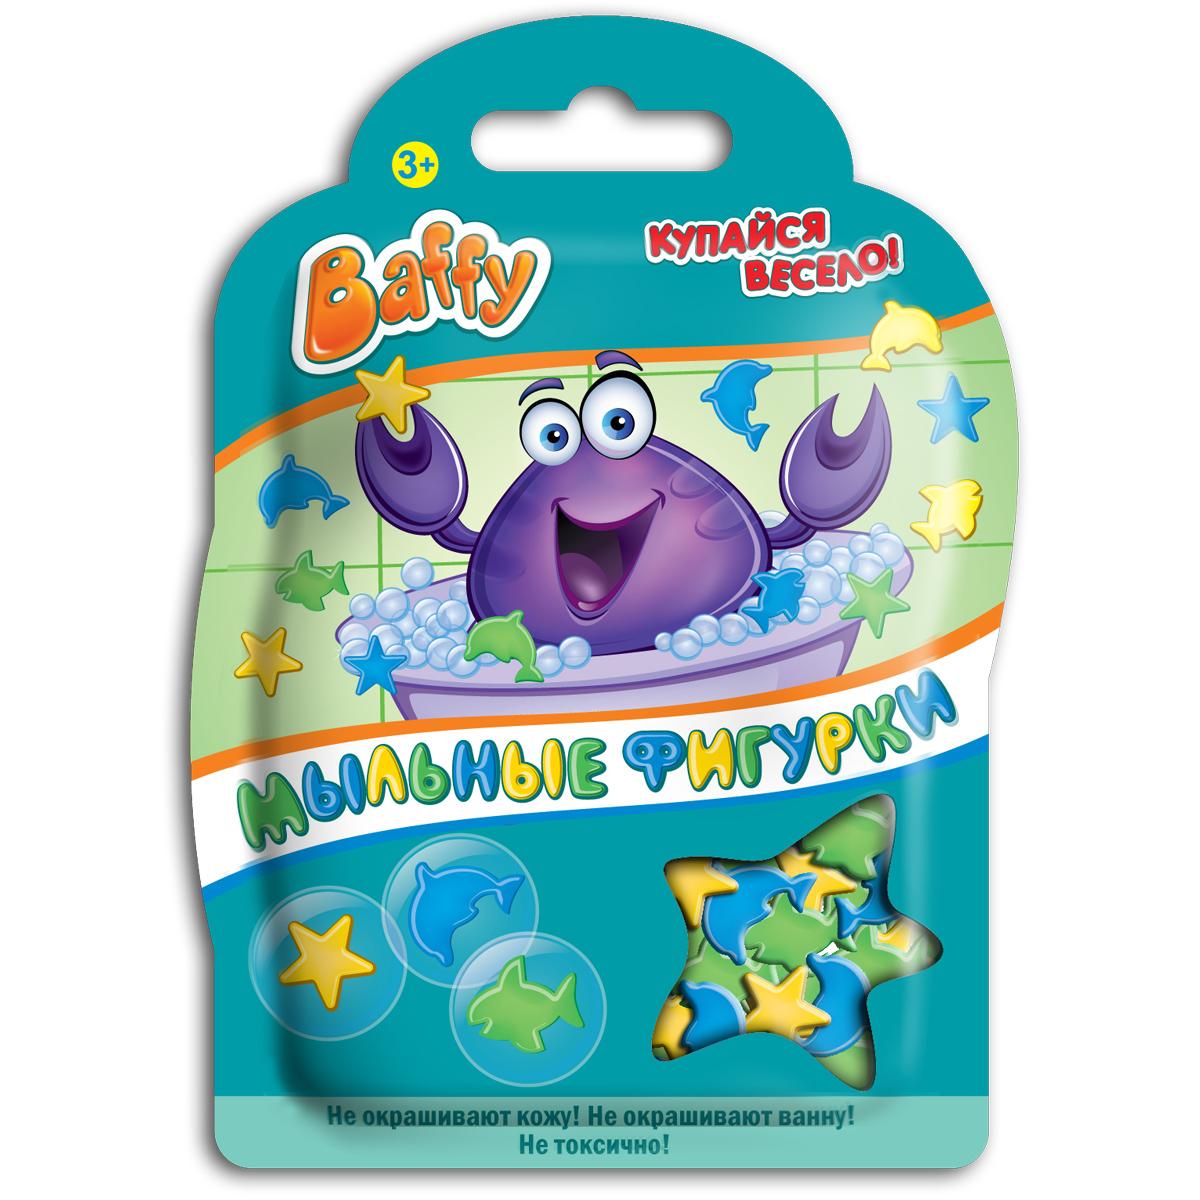 Baffy Мыльные фигурки цвет зеленый синий желтый12298Мыльные фигурки Baffy превратят купание в ванне в интересную, увлекательную игру. Фигурки можно клеить на детскую кожу, украшать стенку ванны, а также высыпать в воду и играть с ними.Фигурки хорошо мылятся и не окрашивают кожу и ванну.Безопасны для кожи ребенка. Вес: 8 гр.